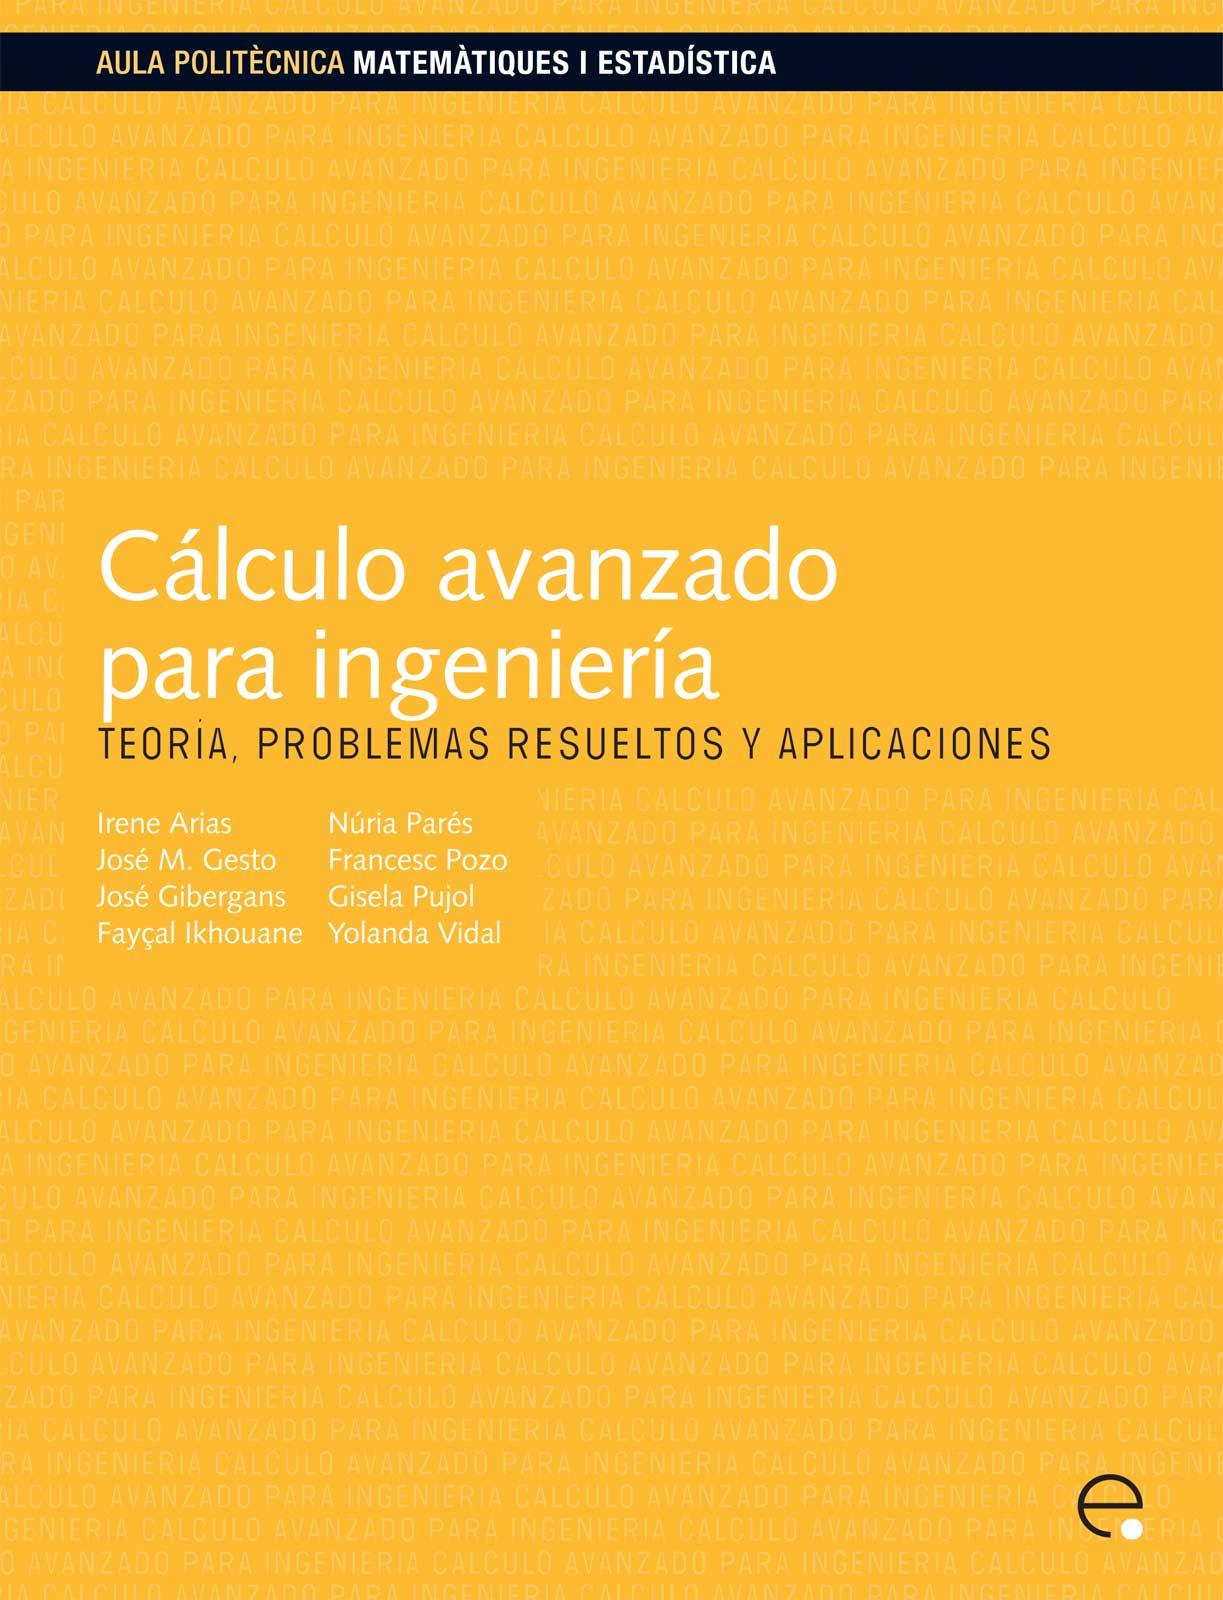 Cálculo avanzado para ingeniería : teoría, problemas resueltos y aplicaciones